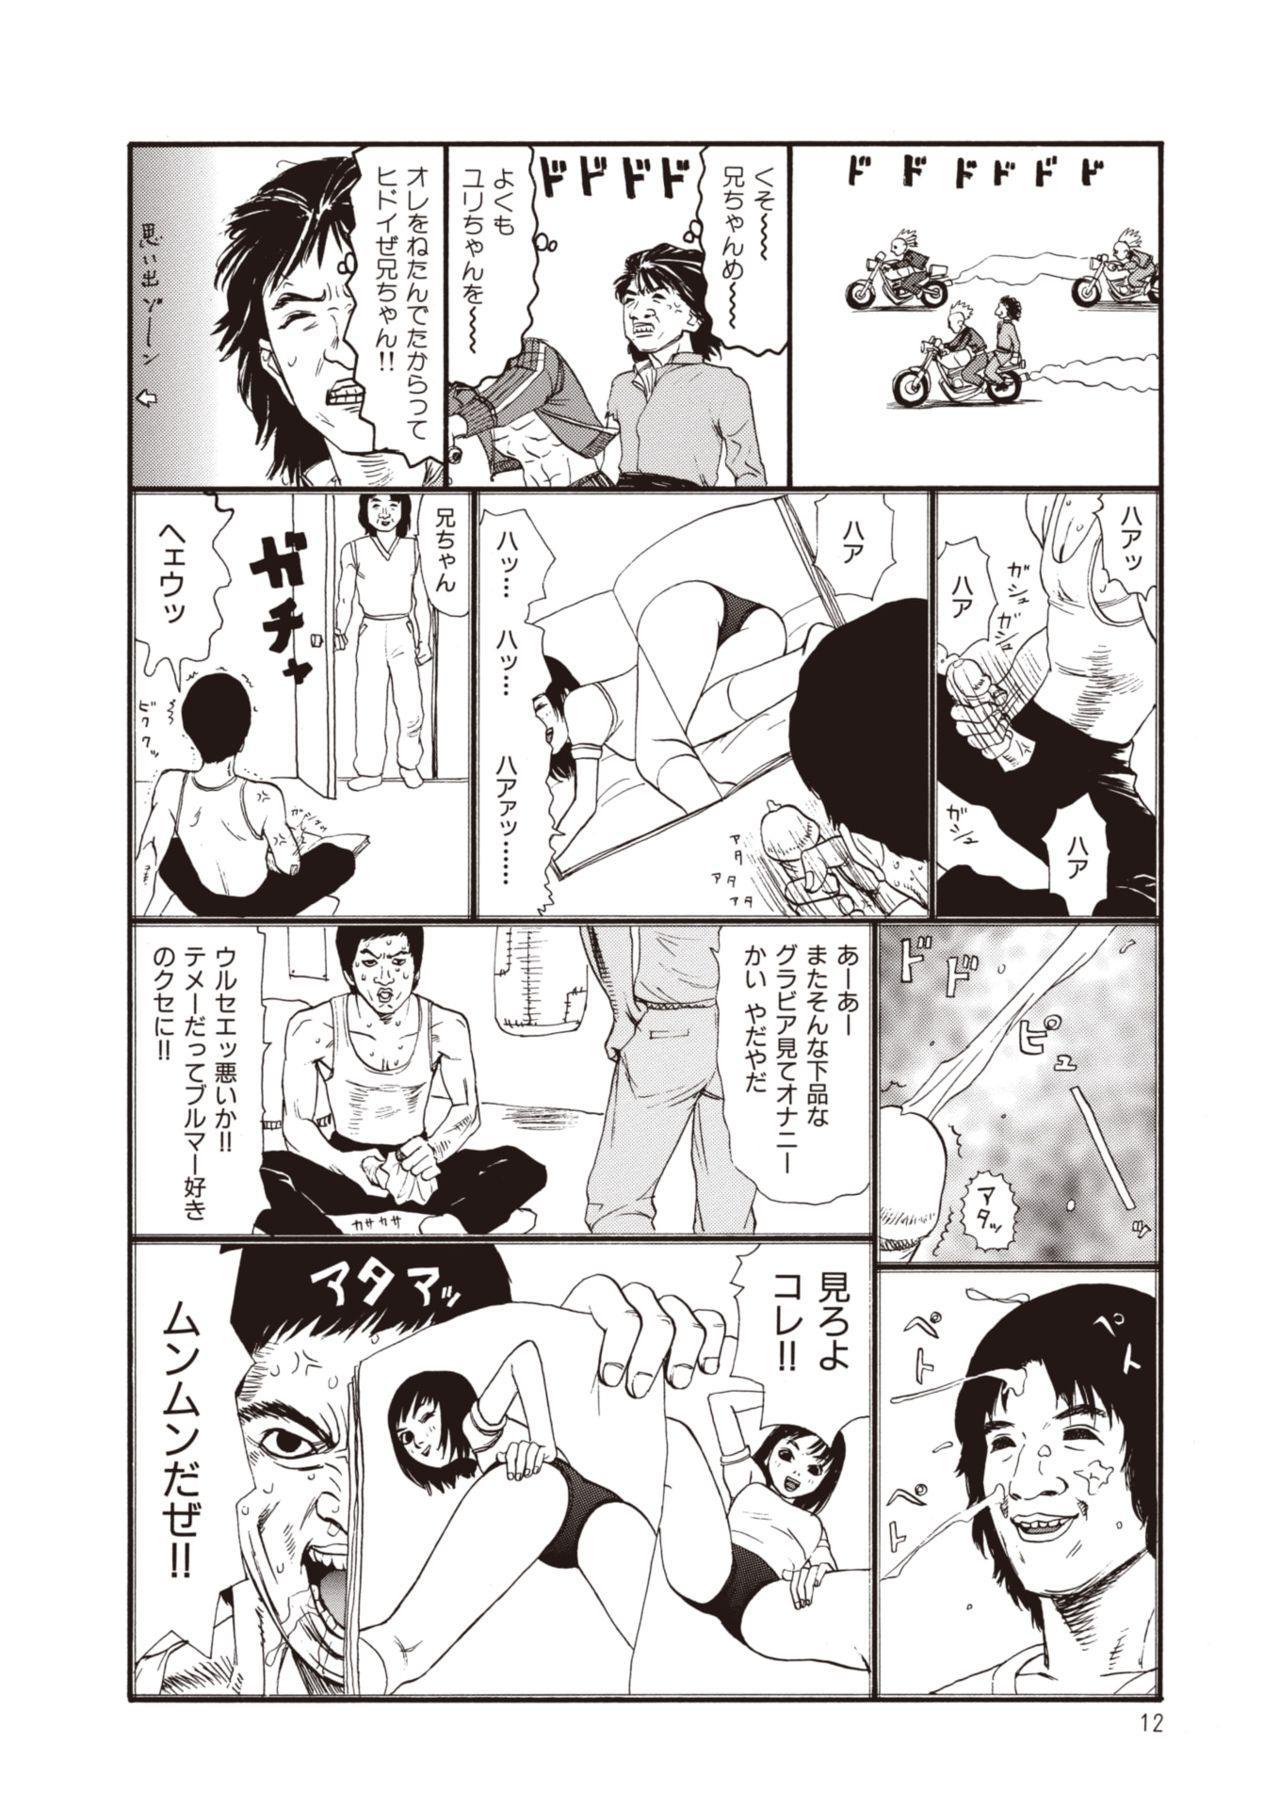 COMIC Kairakuten 25 Shuunen kinen tokubetsugou 52